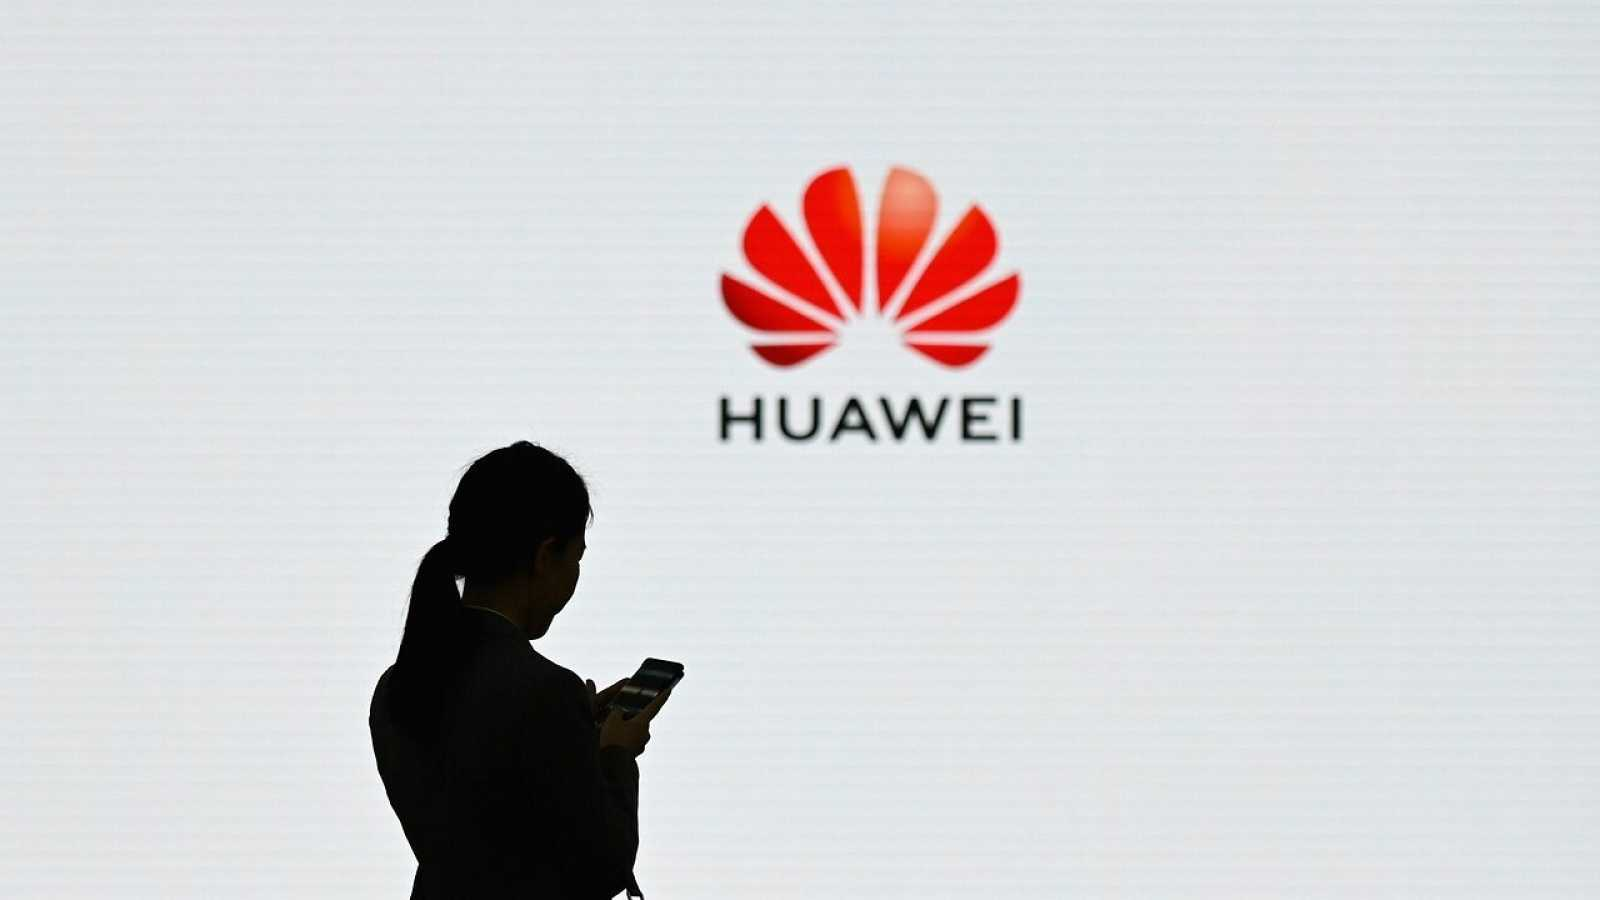 Una mujer utiliza su teléfono móvil frente al logo de Huawei